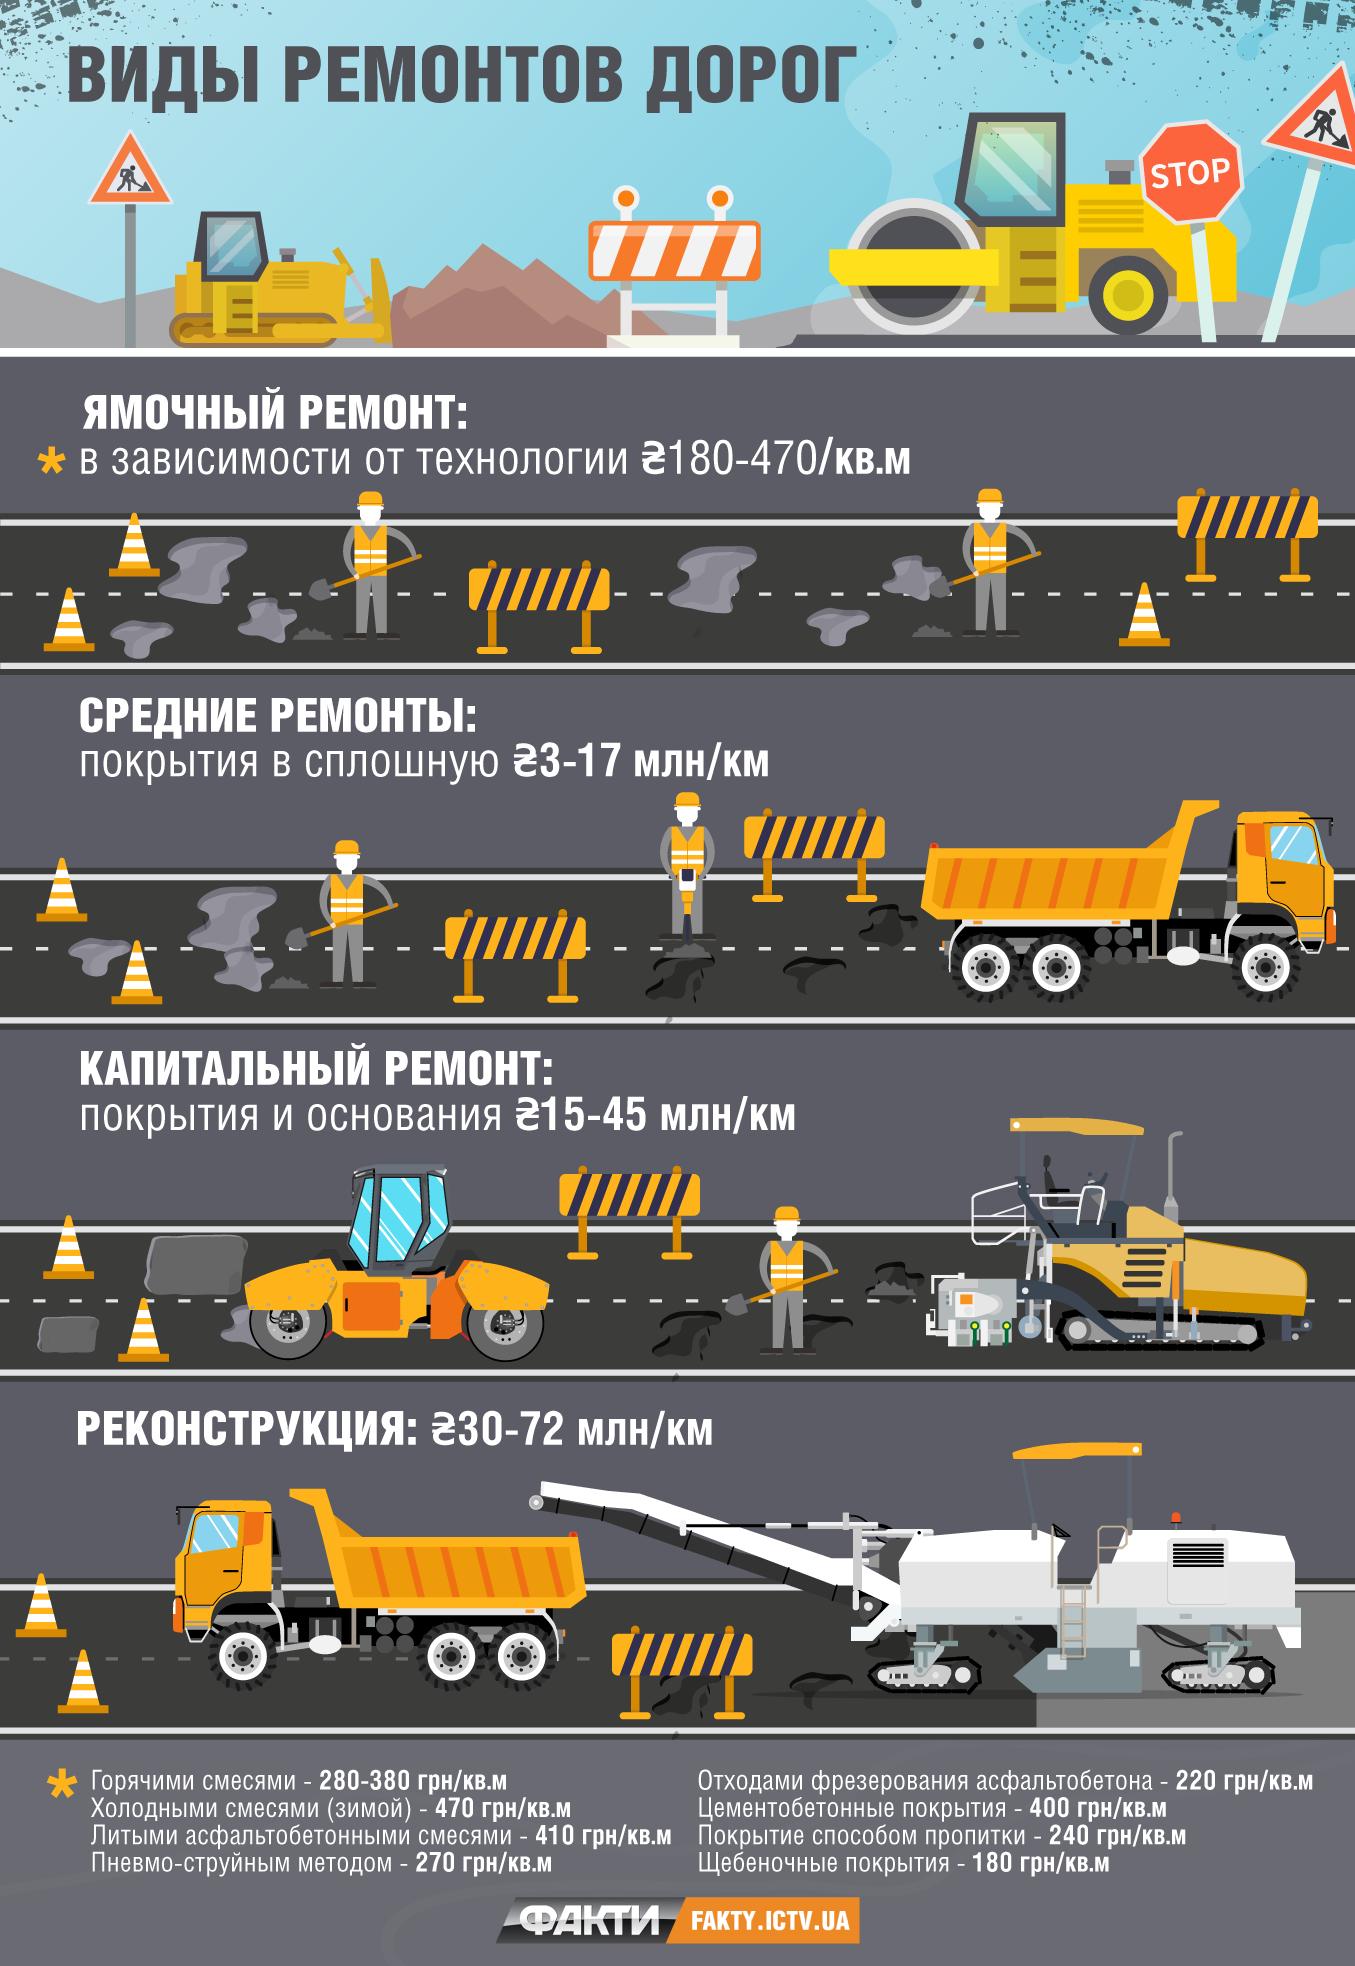 Сколько времени и денег понадобится на ремонт дорог в Украине 1